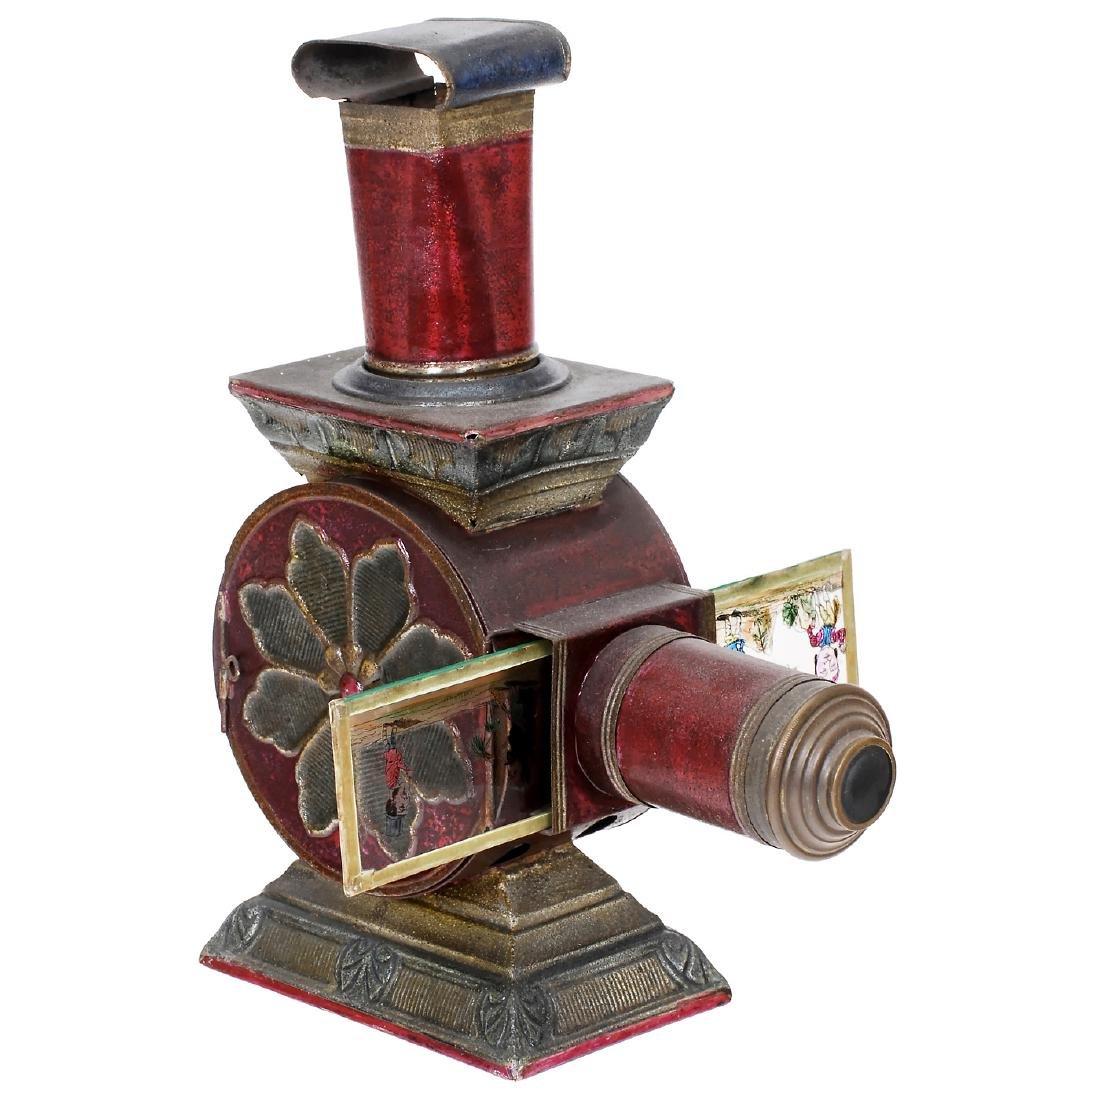 Polychrome de Salon Magic Lantern by Lapierre, c. 1880